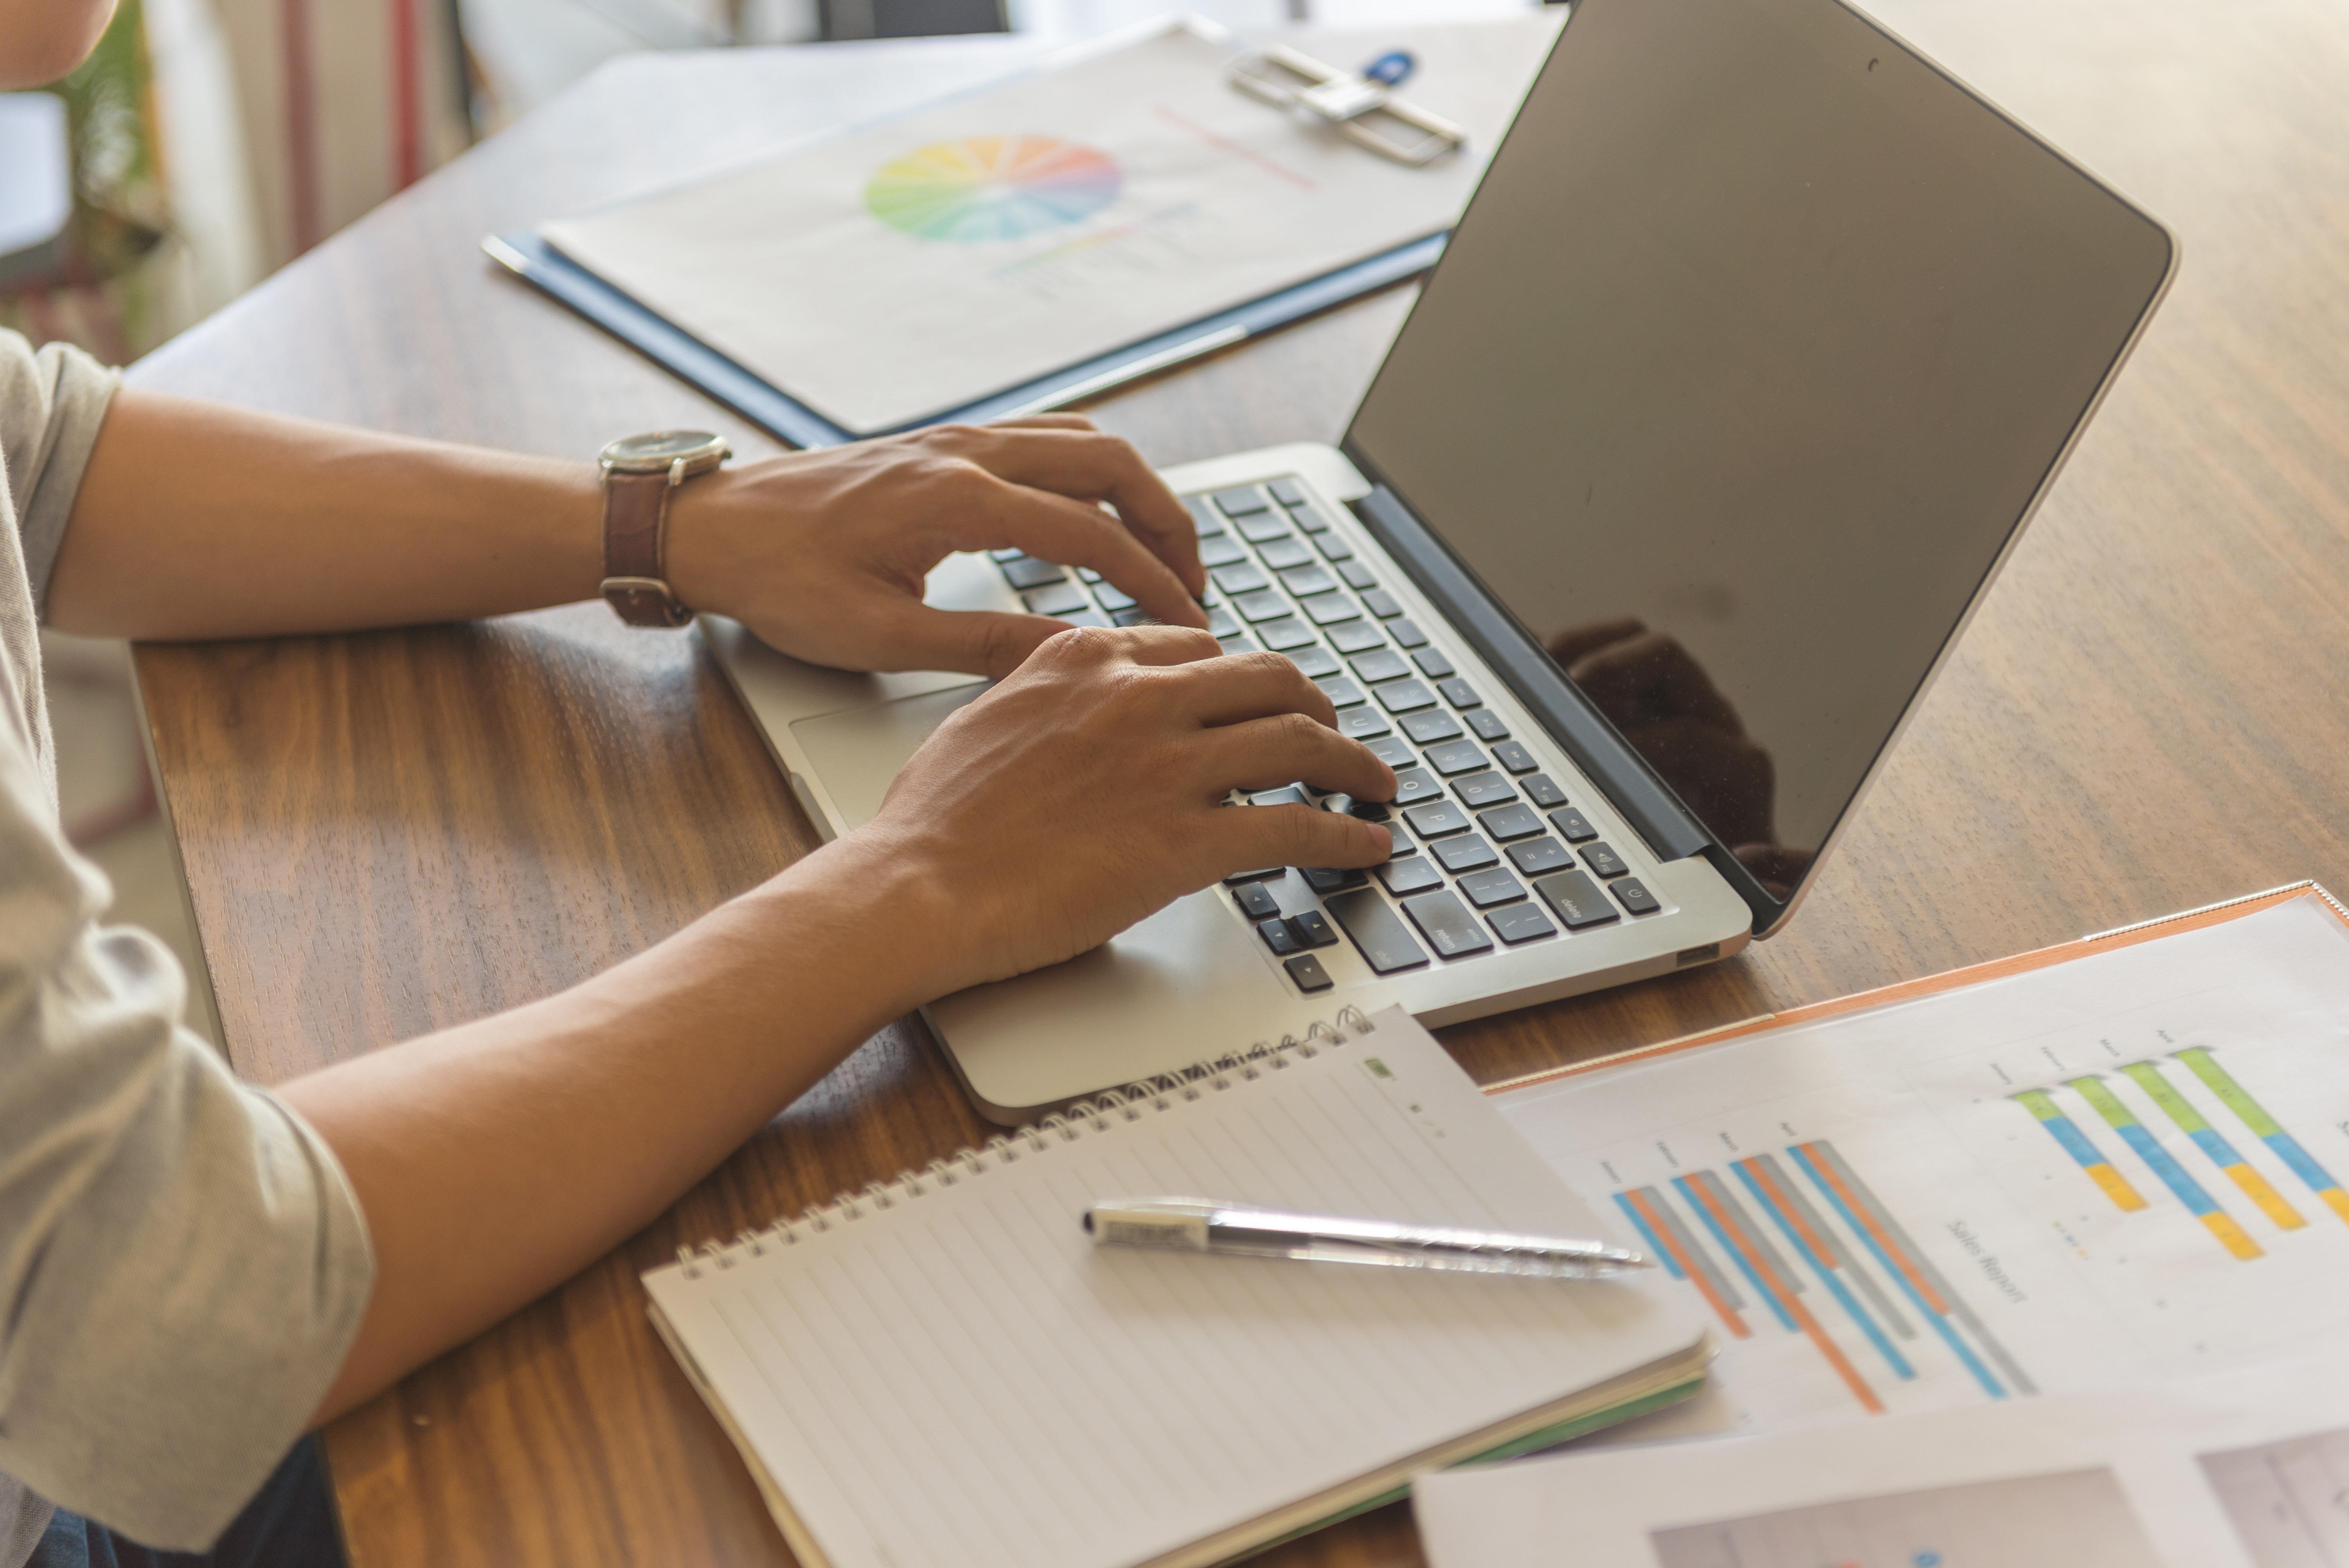 페이스북 글쓰기 고수가 되는 5가지 비결을